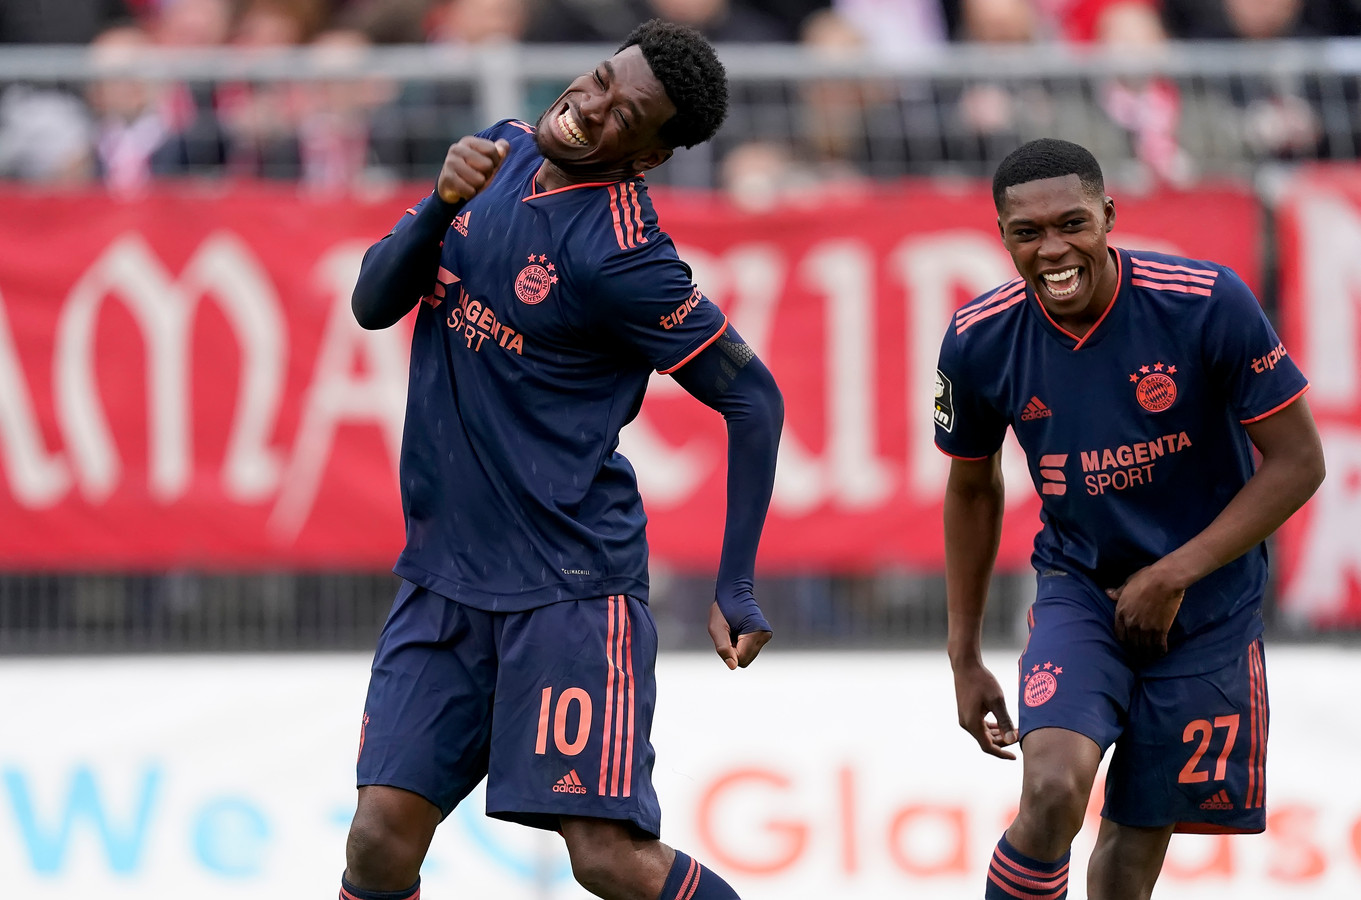 (Kwasi Okyere Wriedt en Derrick Köhn weten nog niet of ze het seizoen bij Bayern kunnen afmaken.